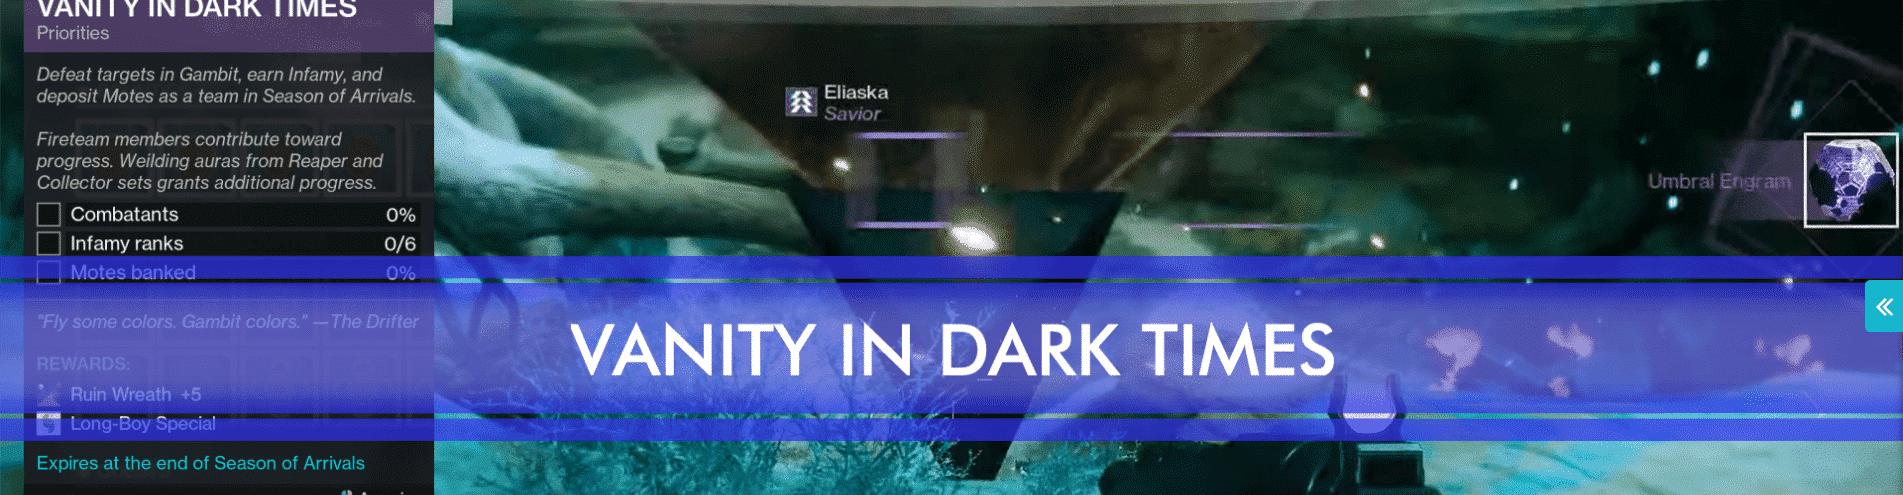 vanity in dark times